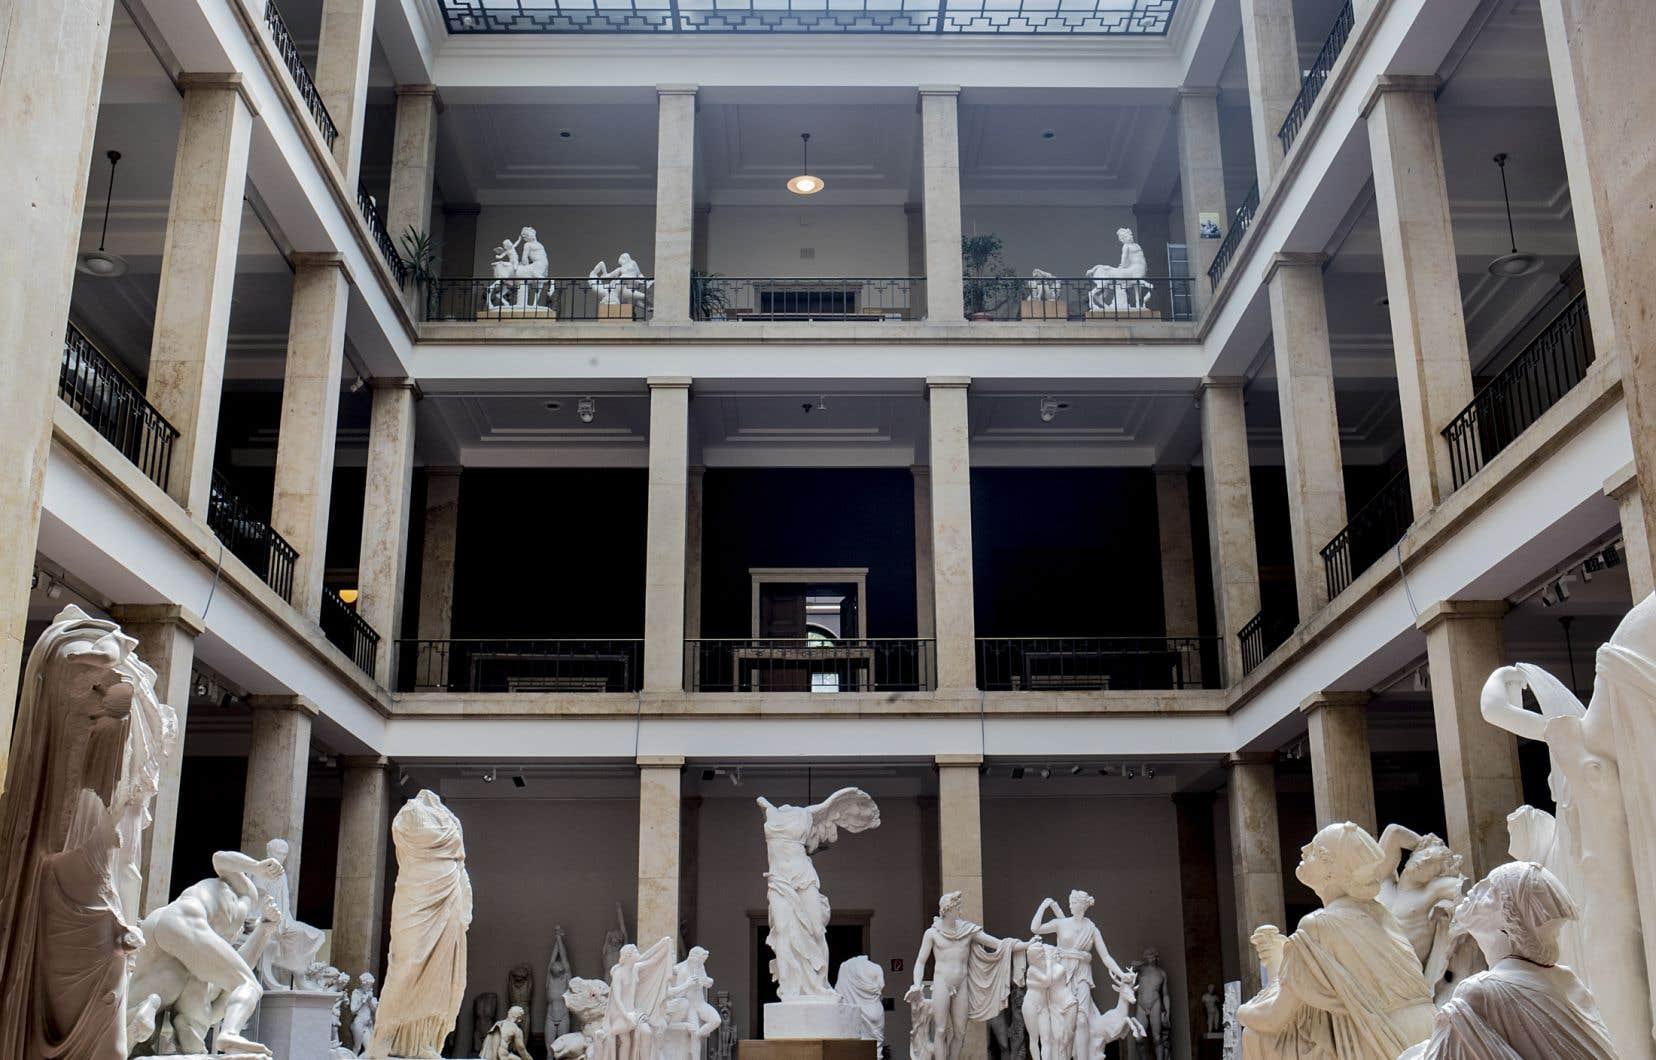 La cour intérieure de l'ancienne permanence du parti nazi abrite maintenant le plus grand centre d'histoire de l'art du monde.